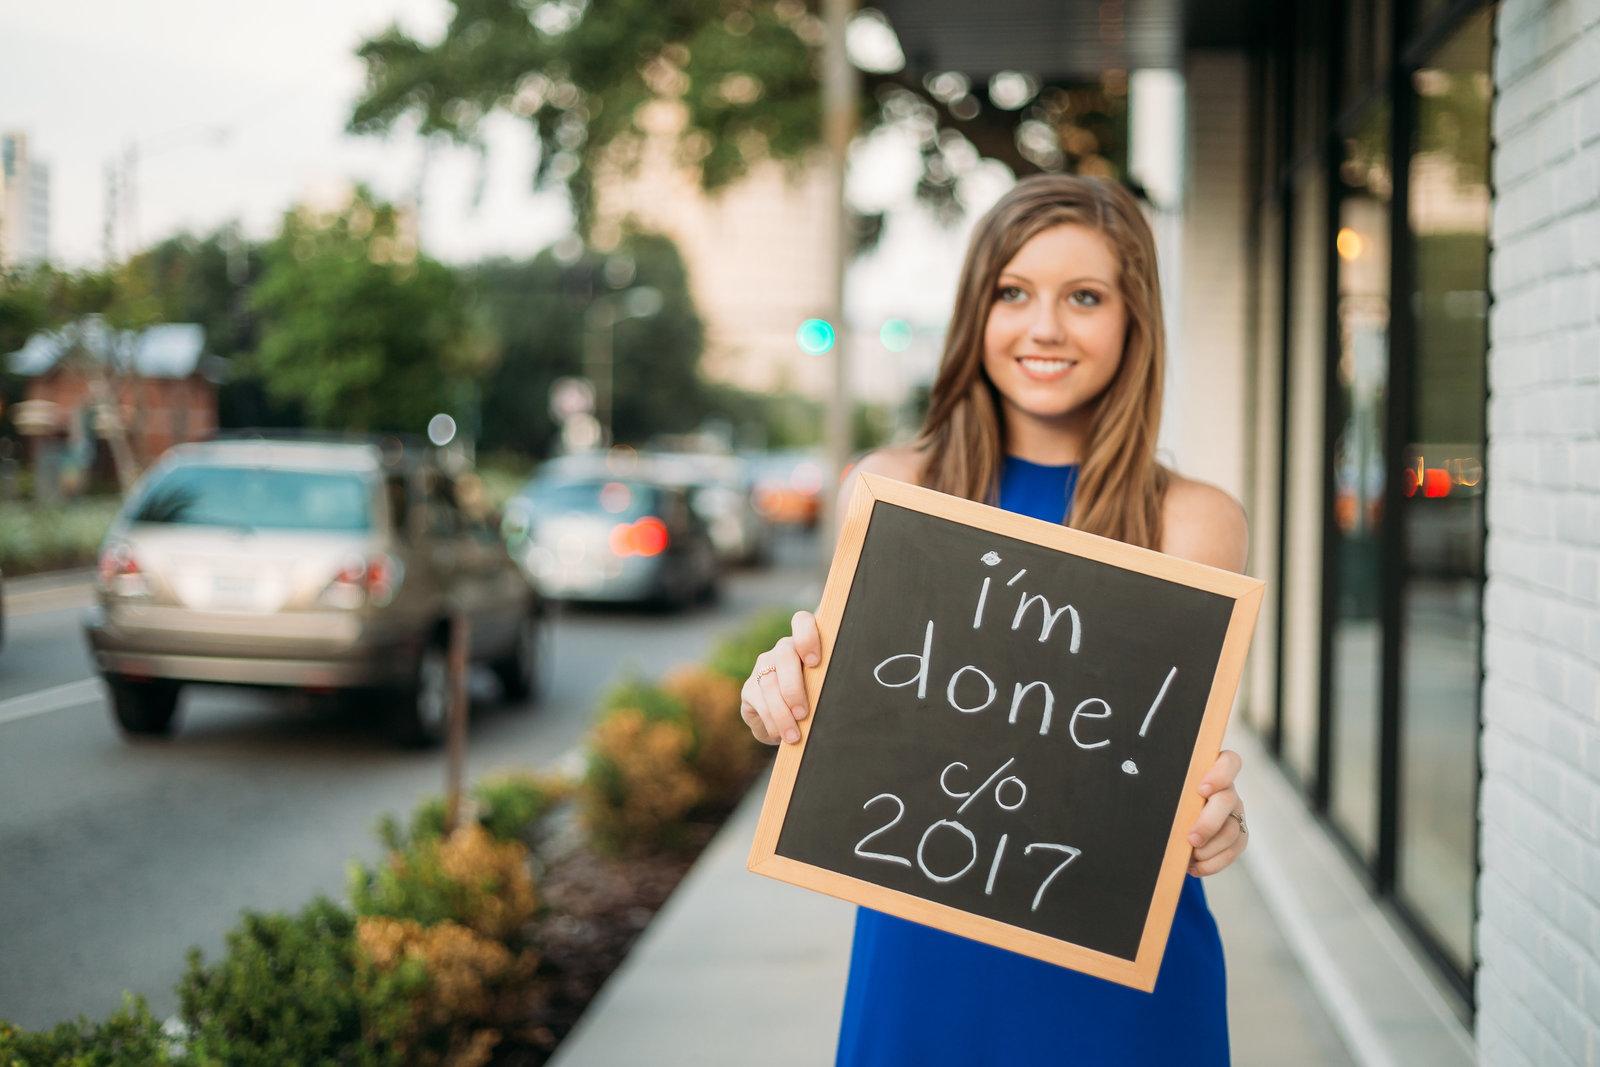 Maddie.Senior.Class.of.2017 (151 of 156)